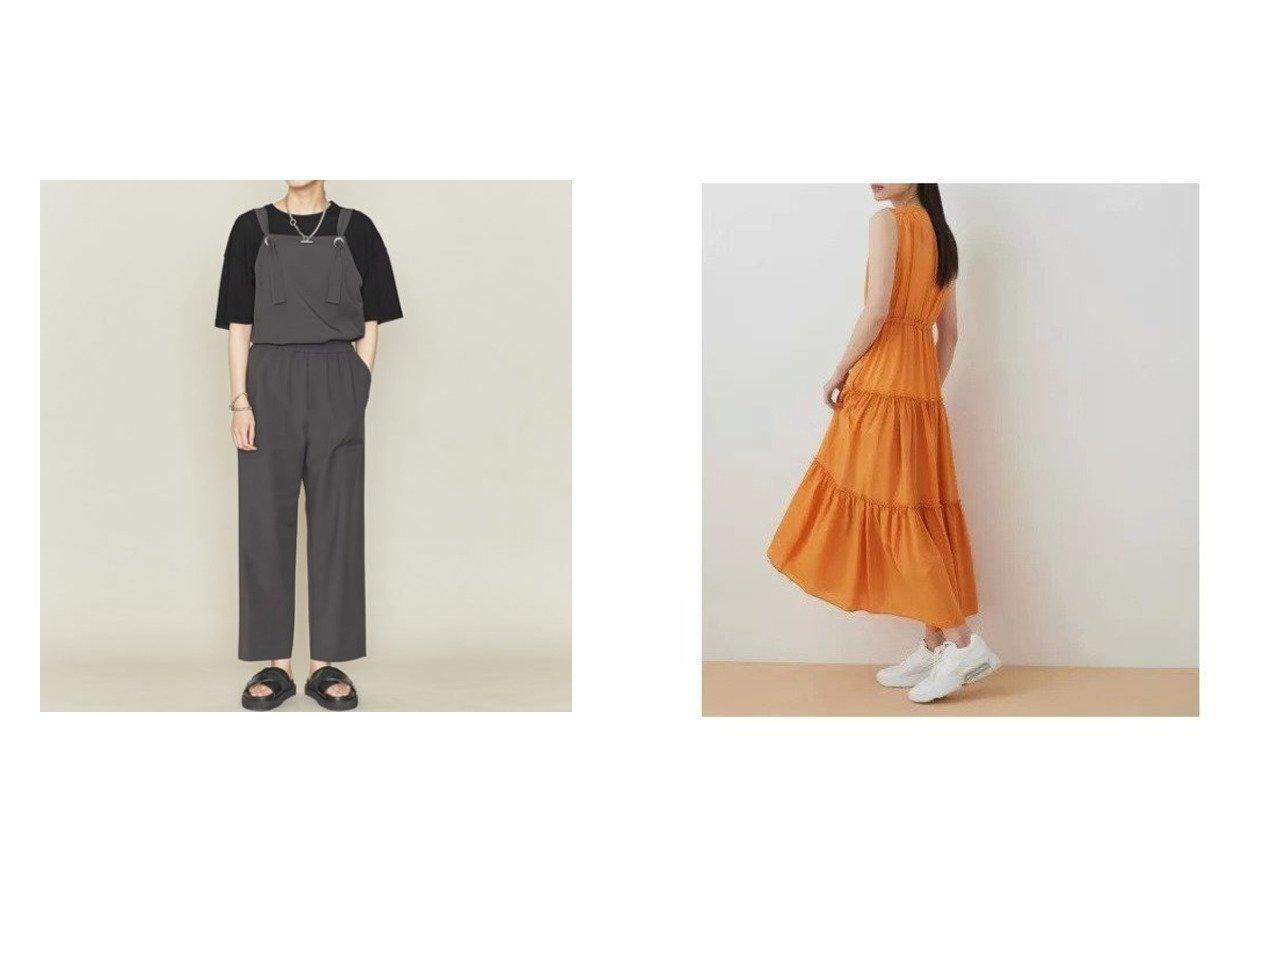 【ASTRAET/アストラット】のPU サロペット&【ADAM ET ROPE'/アダム エ ロペ】のティアードドロストワンピース 【ワンピース・ドレス】おすすめ!人気、トレンド・レディースファッションの通販 おすすめで人気の流行・トレンド、ファッションの通販商品 インテリア・家具・メンズファッション・キッズファッション・レディースファッション・服の通販 founy(ファニー) https://founy.com/ ファッション Fashion レディースファッション WOMEN ワンピース Dress オールインワン ワンピース All In One Dress サロペット Salopette おすすめ Recommend ギャザー サロペット サンダル タンク フラット ブラウジング ラップ イエロー オレンジ 春 Spring カーディガン 切替 シアー ティアード ティアードワンピース ノースリーブ フィット フレア ロング 2021年 2021 S/S・春夏 SS・Spring/Summer 2021春夏・S/S SS/Spring/Summer/2021 |ID:crp329100000041738